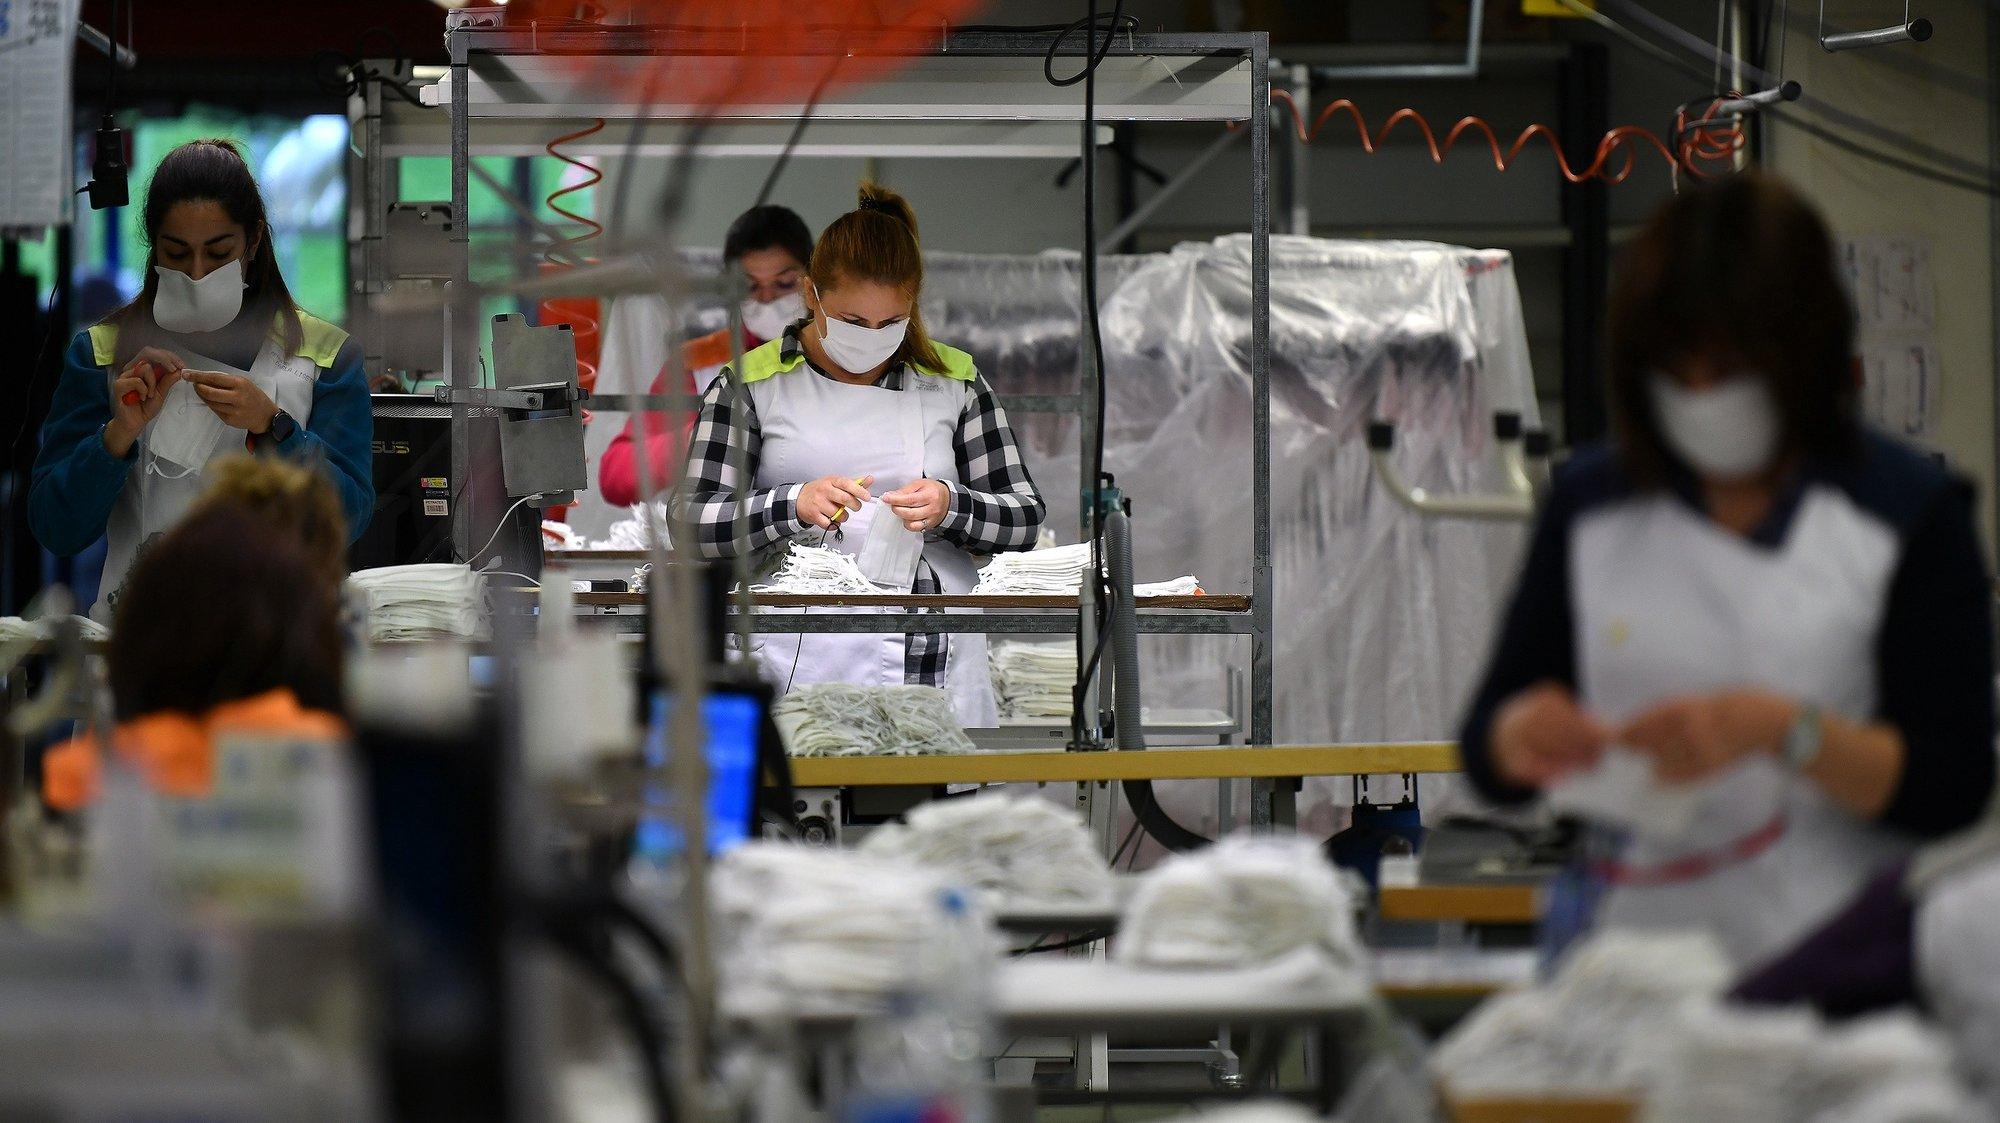 Funcionárias da fábrica de confeções Petratex, em Carvalhosa, Paços de Ferreira, 27 de abril de 2020. Líder na indústria têxtil, especialmente em vestuário de moda e desporto, redirecionou grande parte da sua atividade à produção de máscaras e equipamentos de proteção individual, com uma produção atual média de cerca de 100 mil máscaras/dia, que será duplicada nos próximos dias com a produção de máscaras reutilizáveis. HUGO DELGADO/LUSA